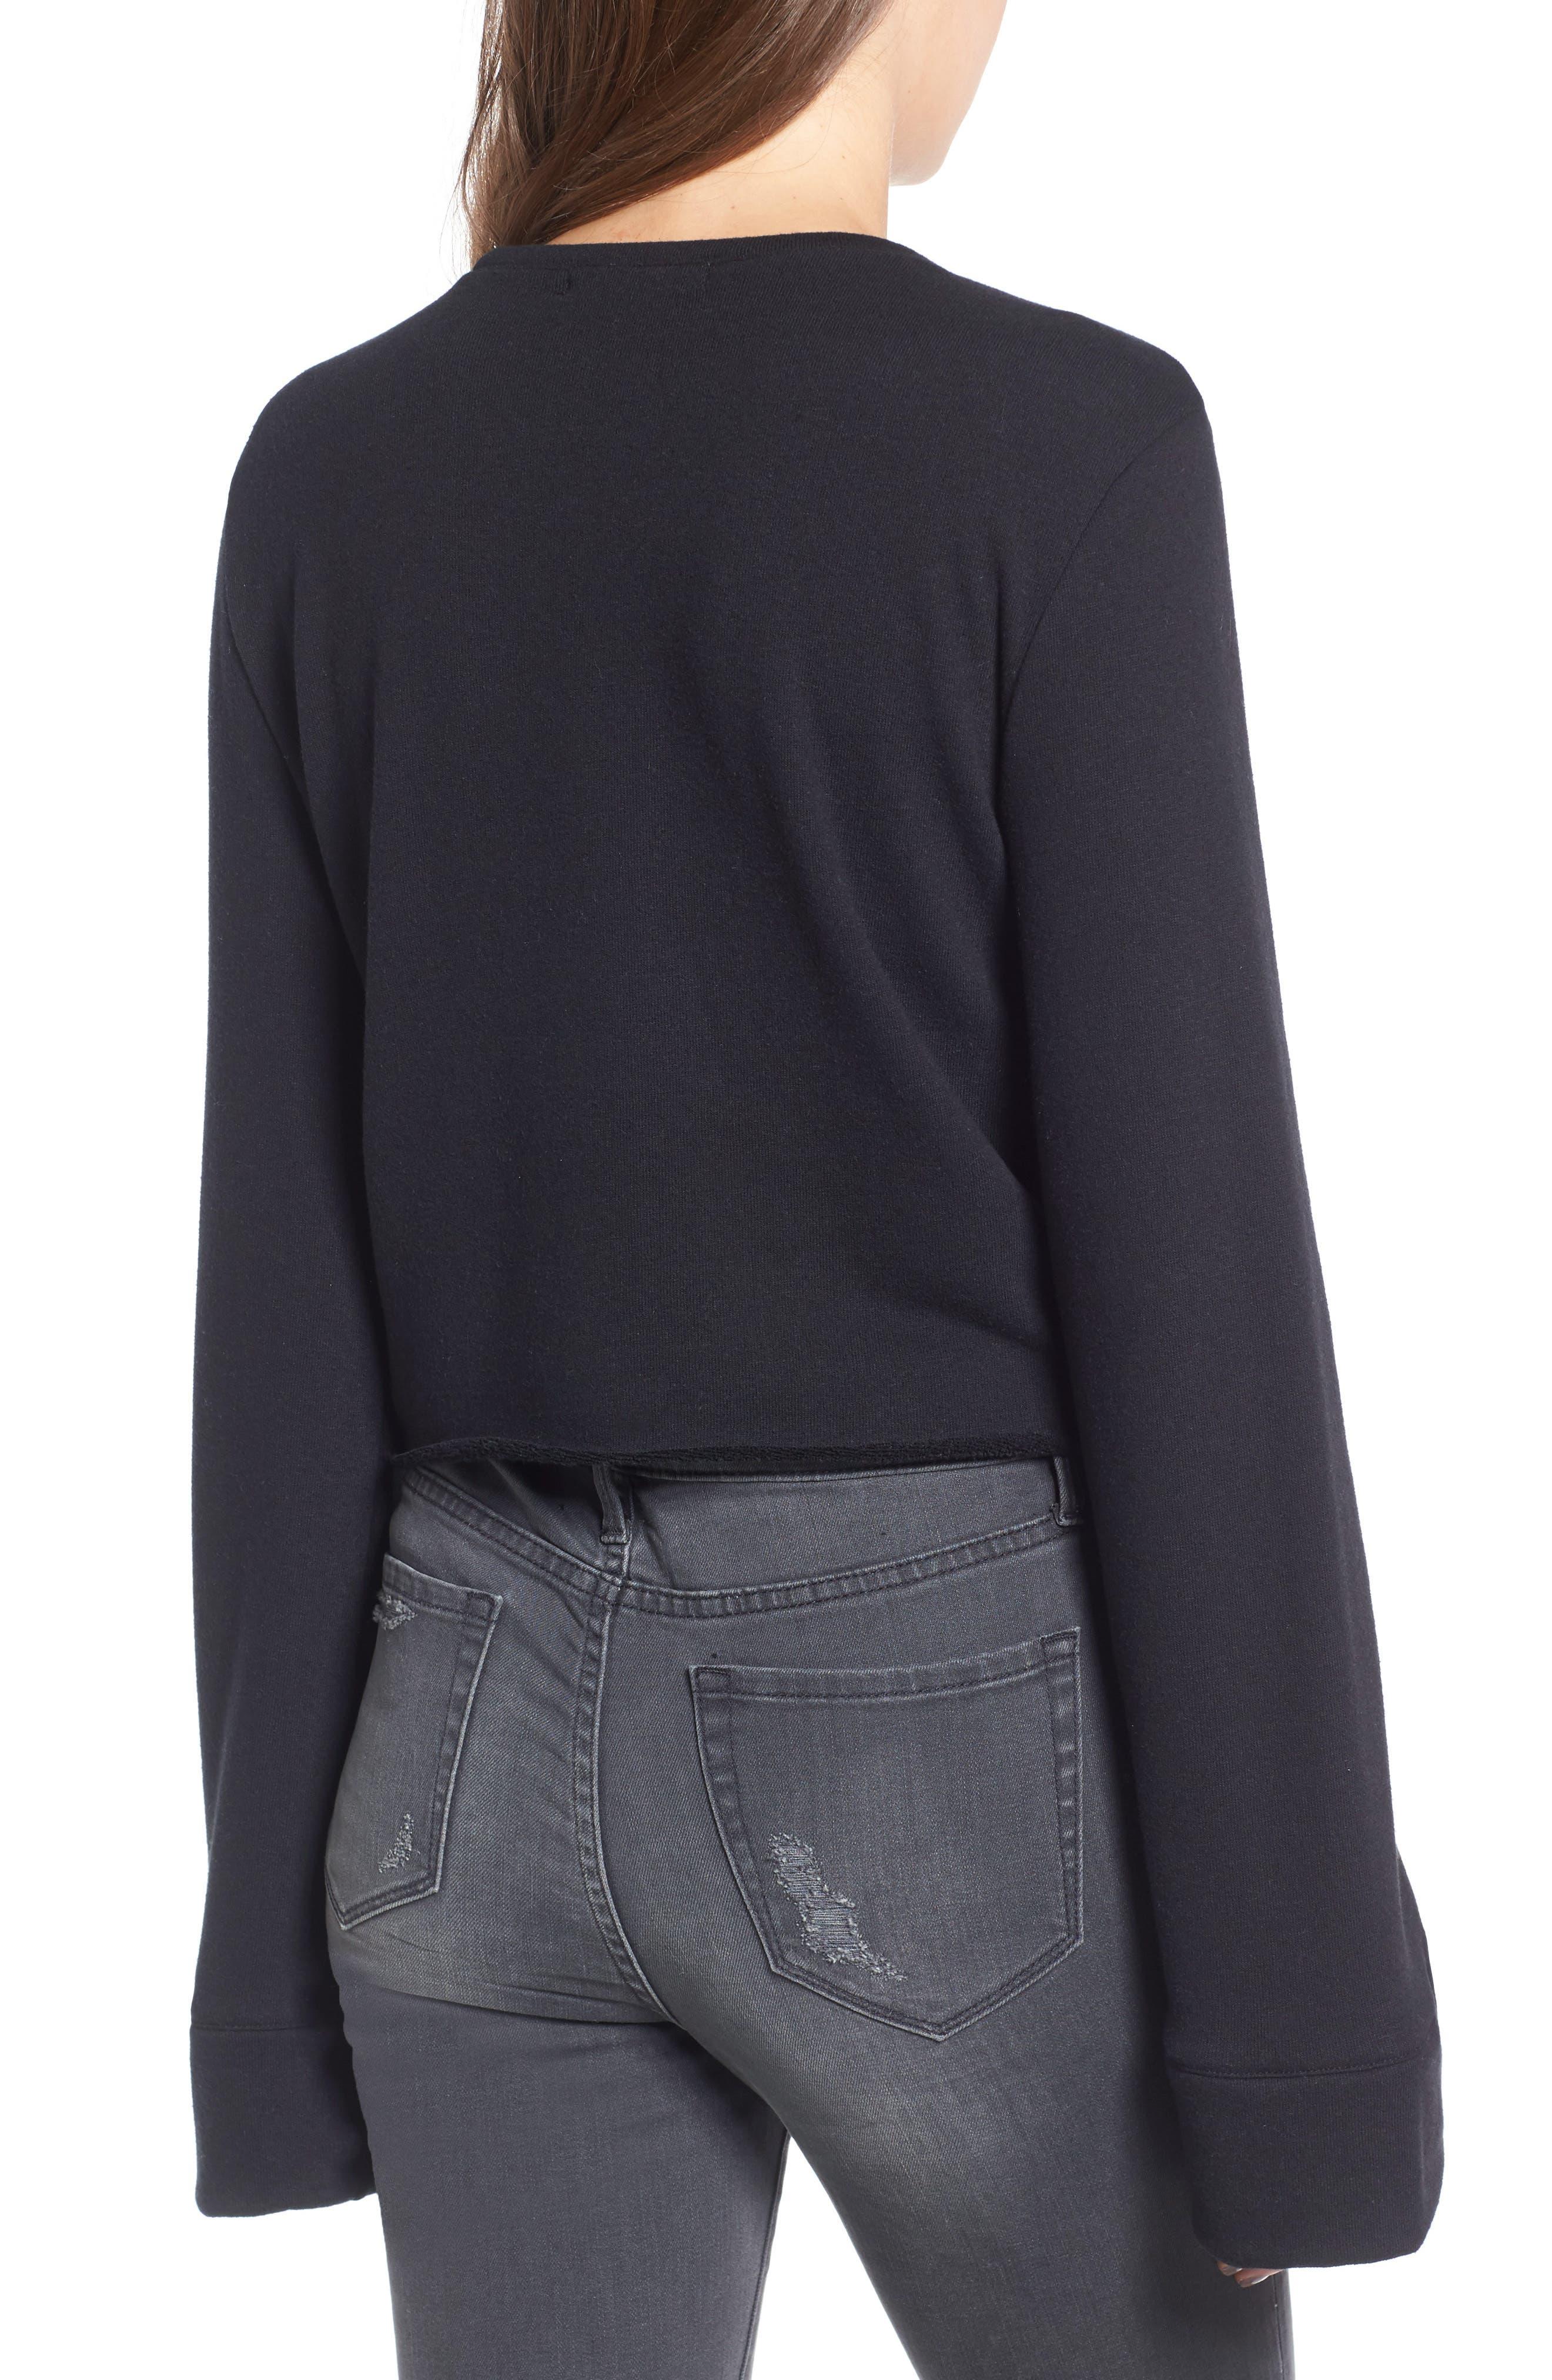 TREASURE & BOND,                             Wide Sleeve Sweatshirt,                             Alternate thumbnail 2, color,                             001